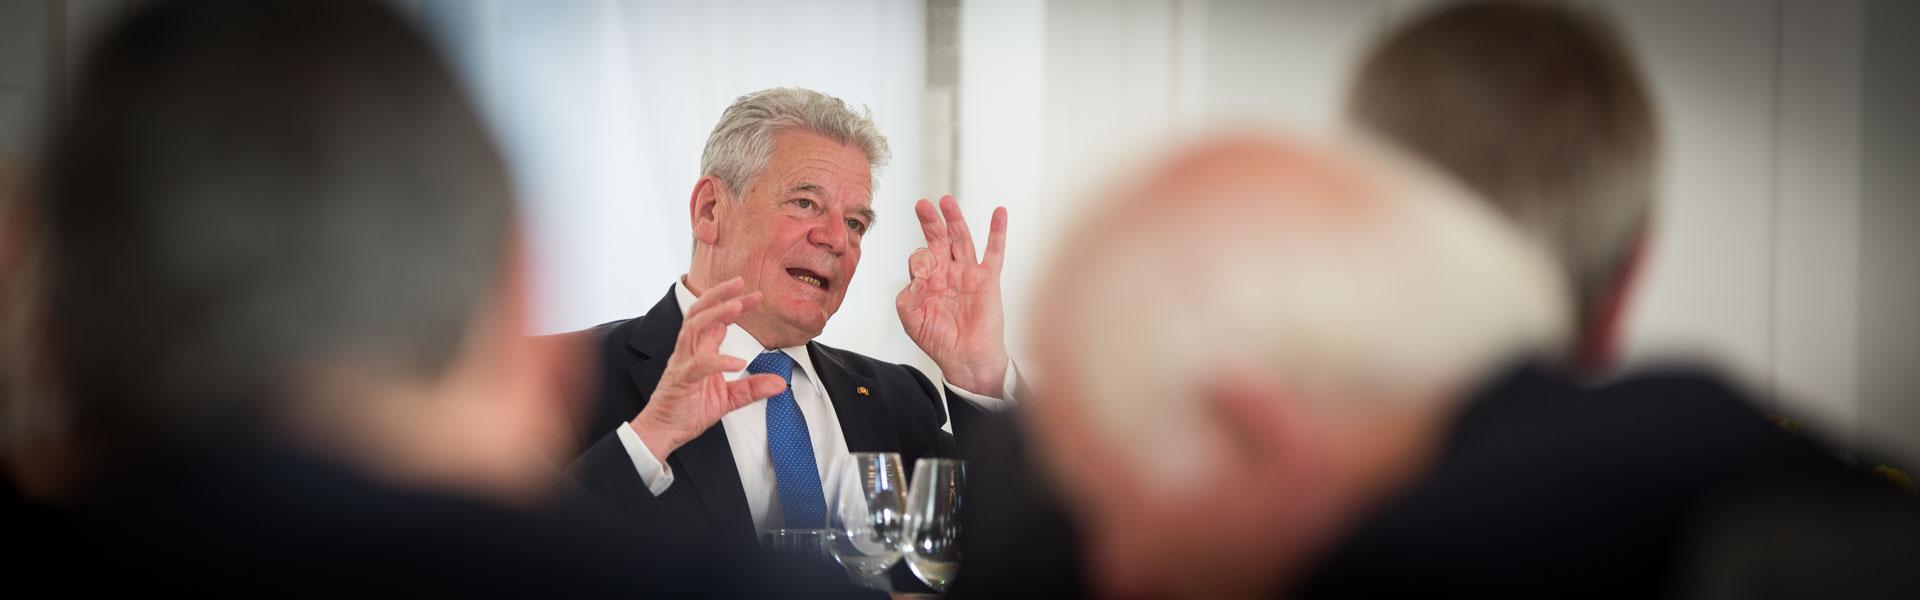 Joachim-Gauck-by-Vincent-Mosch6494